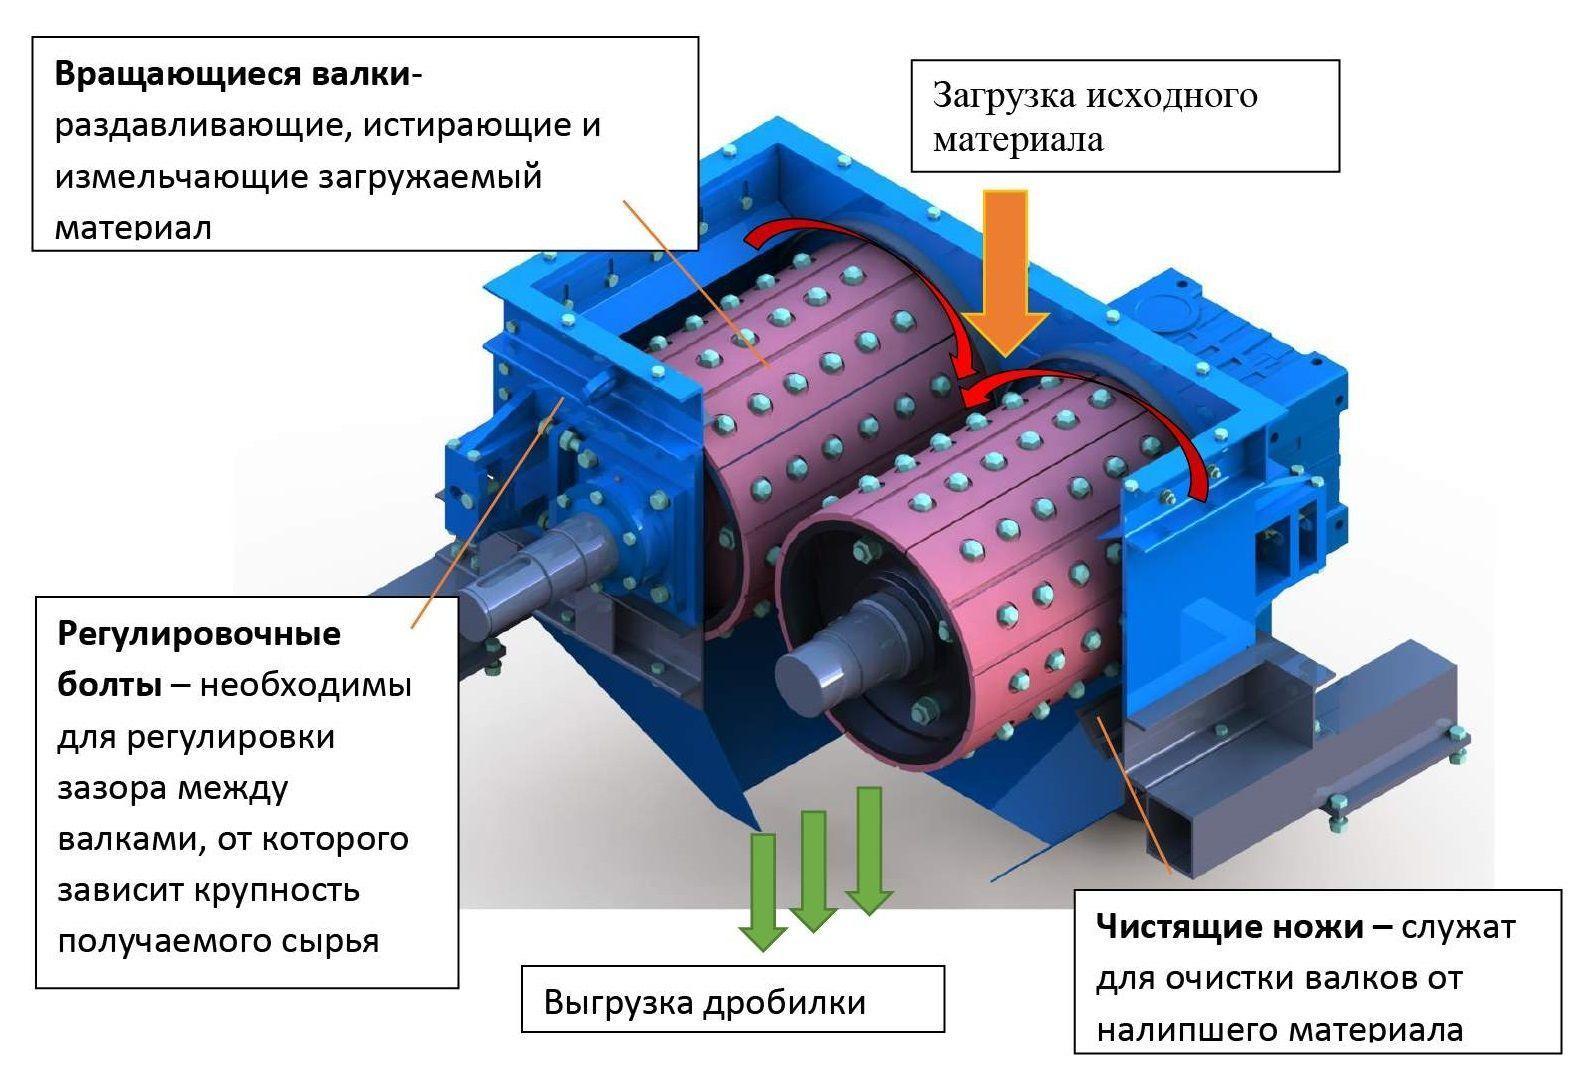 Телефон расчеты расхода э-энергии конусных дробилок цемент куплю